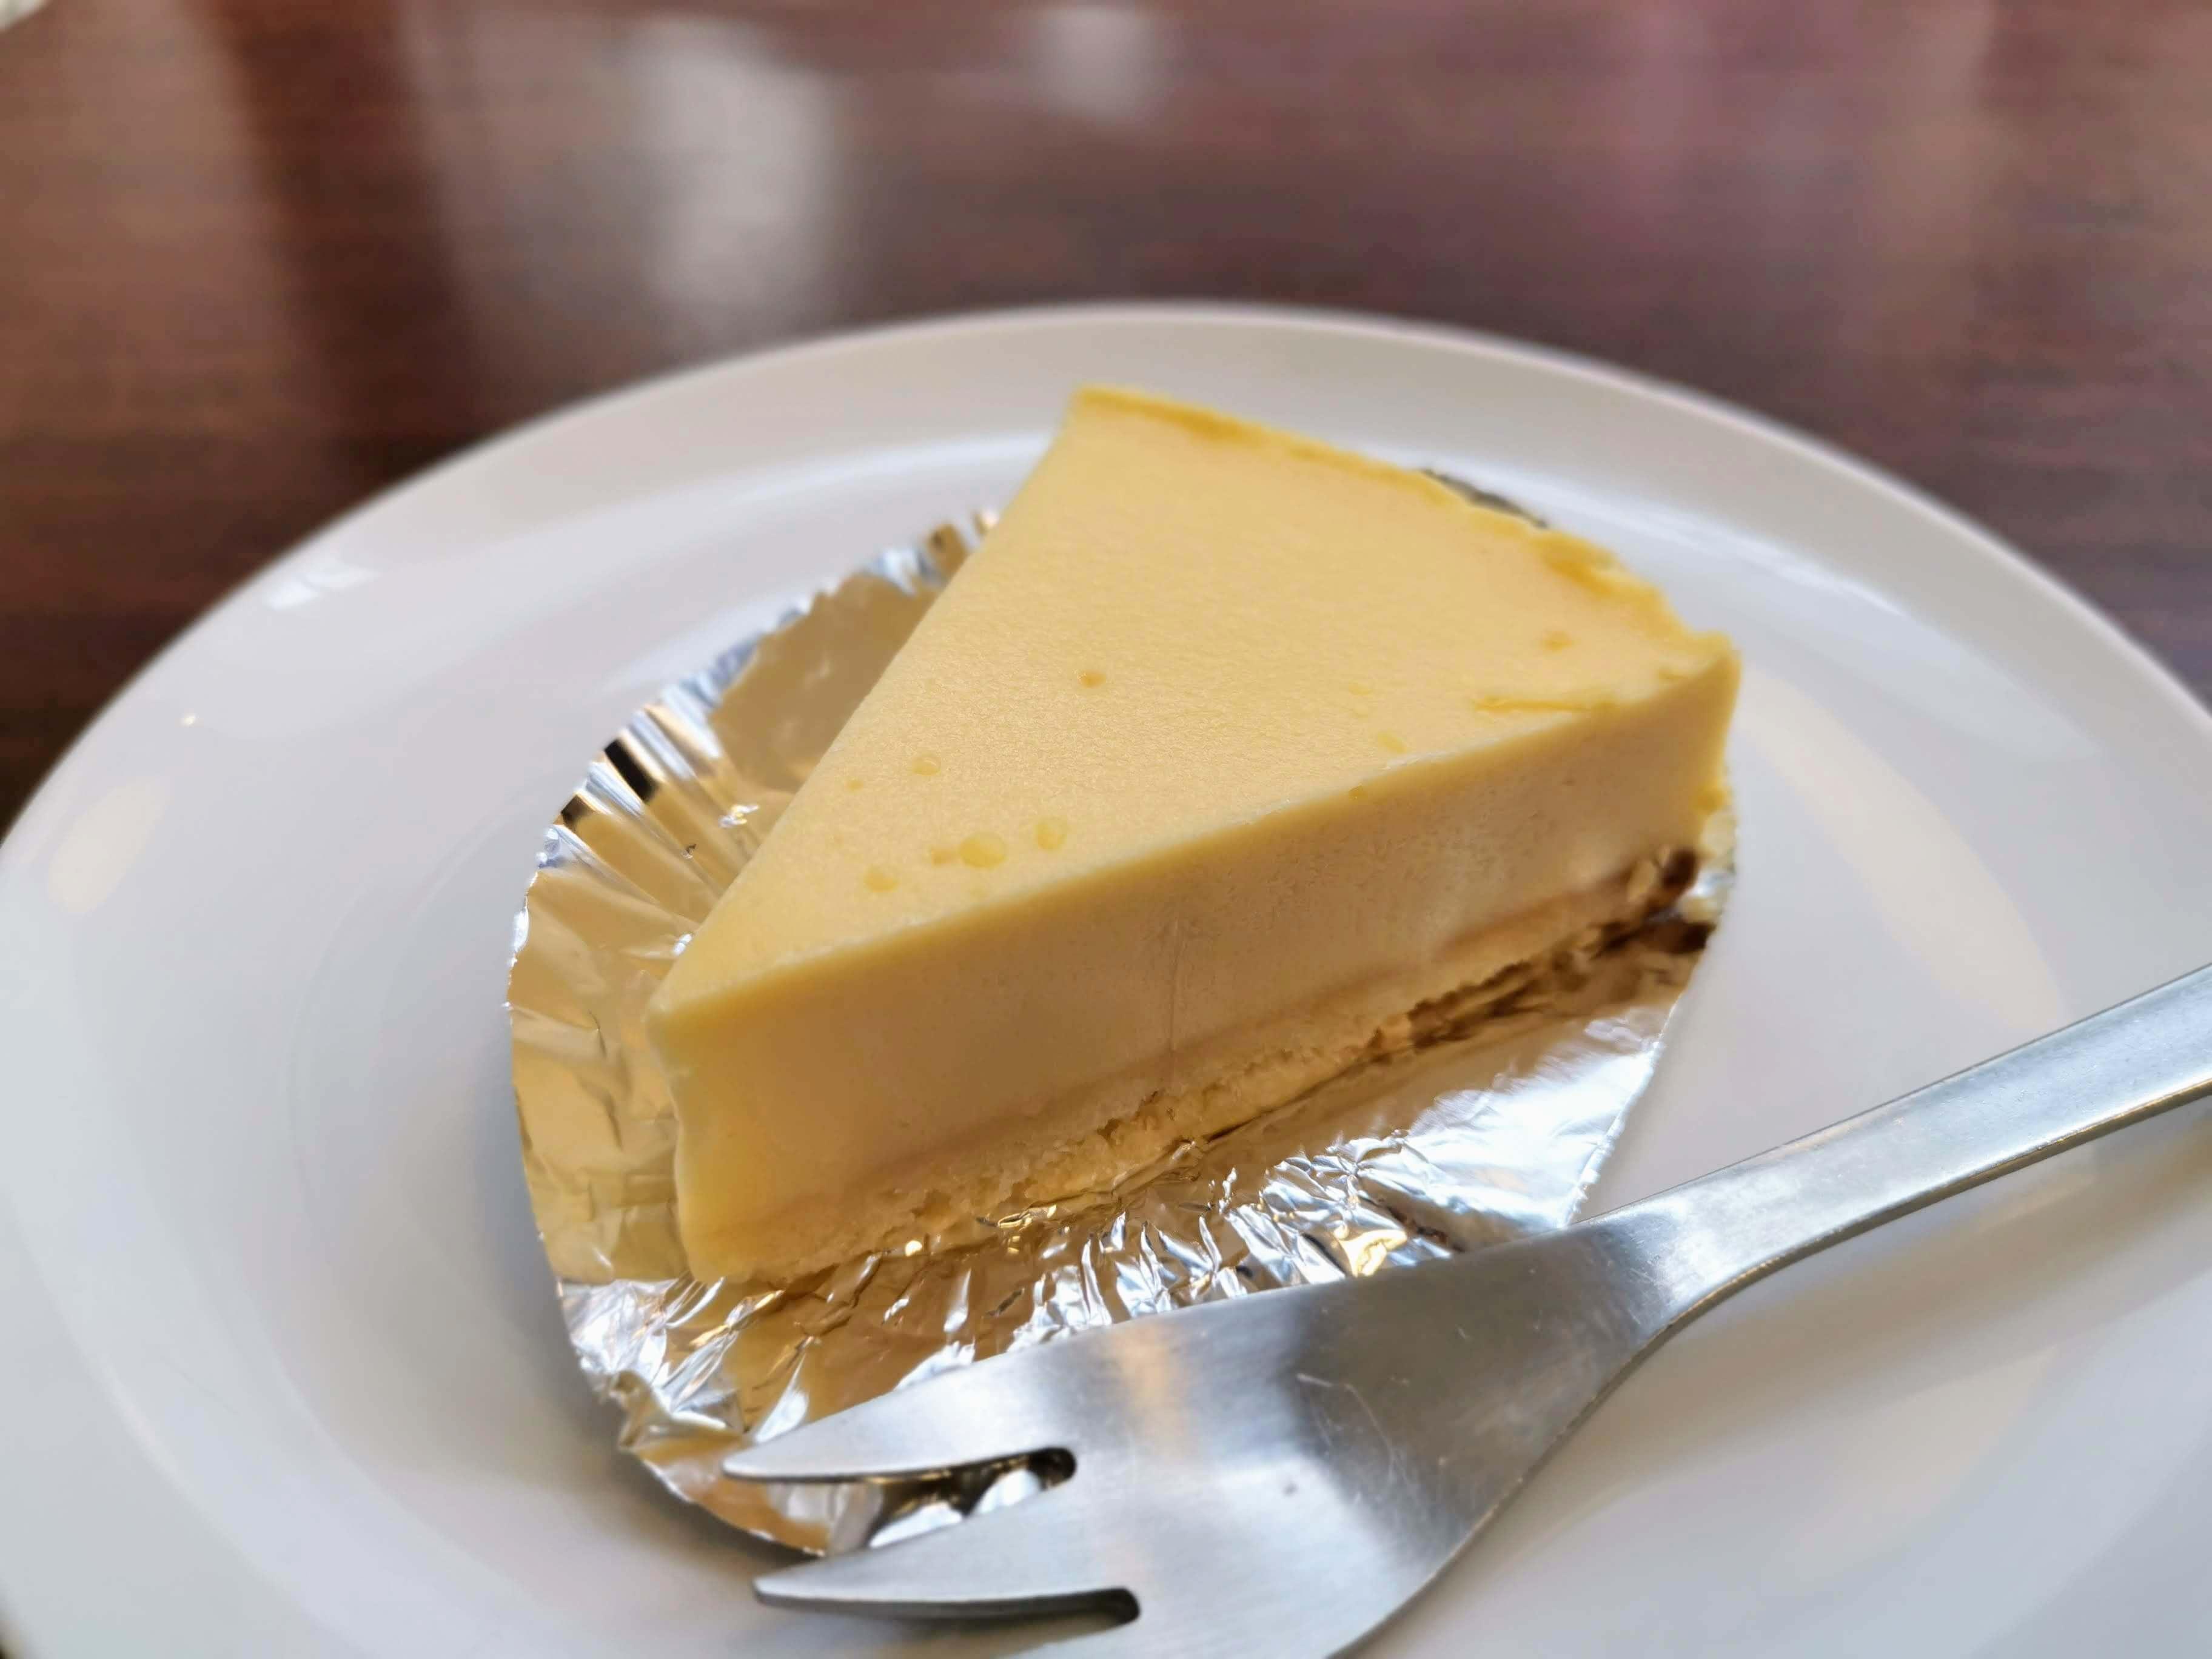 上島珈琲店 湯蒸チーズケーキ (10)